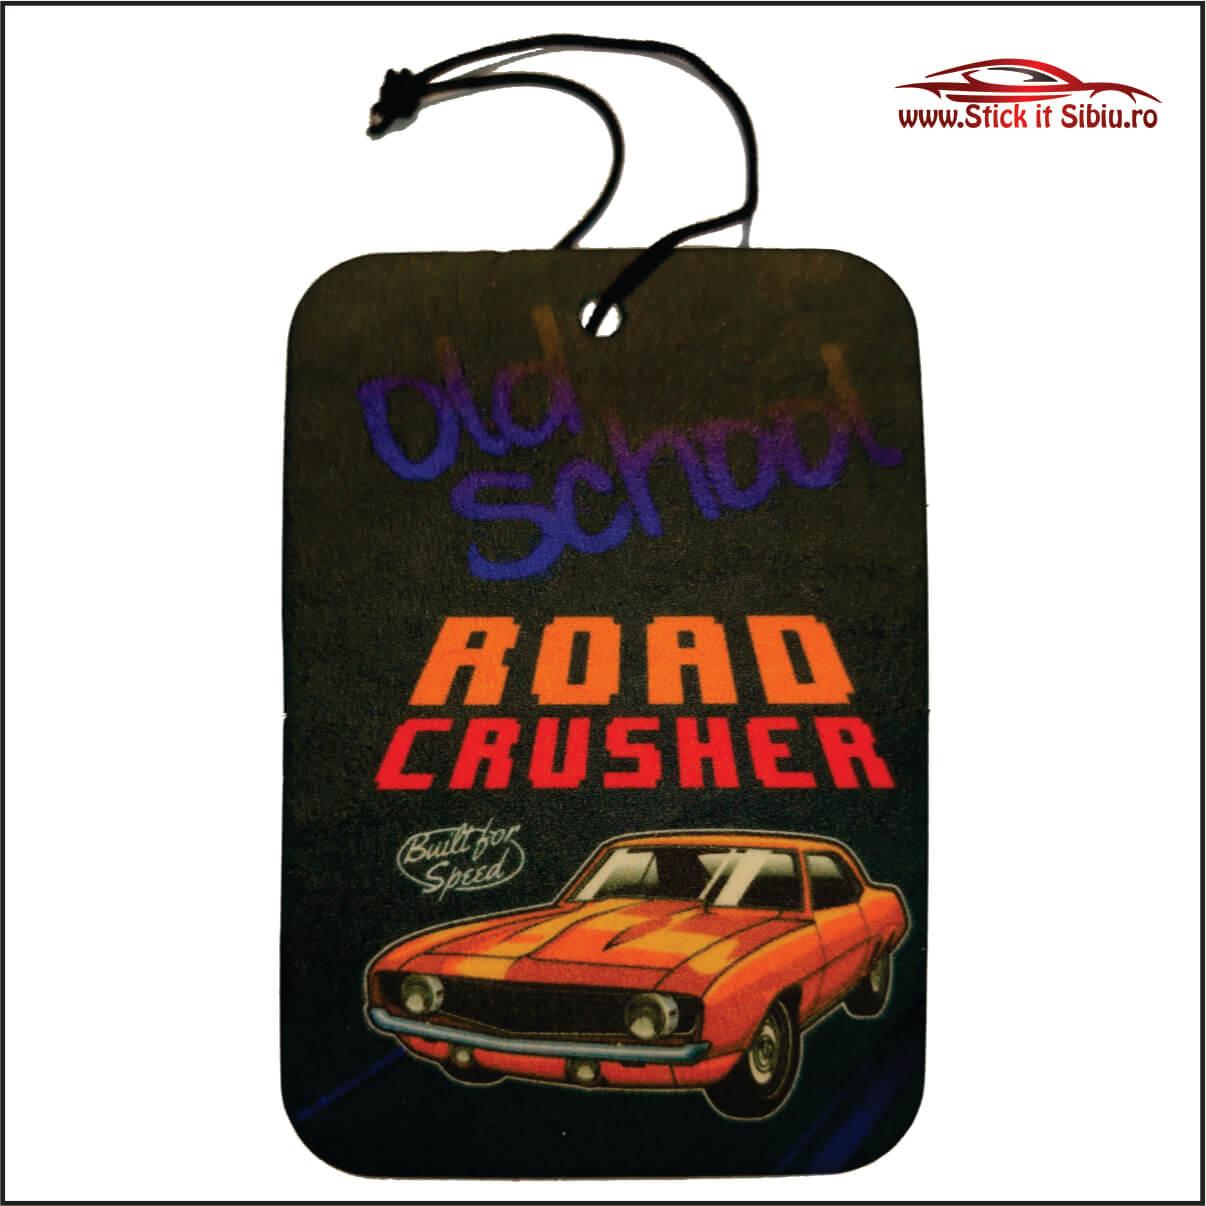 Road Crusher - Stickere Auto - Camuflaje - Odorizante - Brelocuri auto! Nou! In Romania!